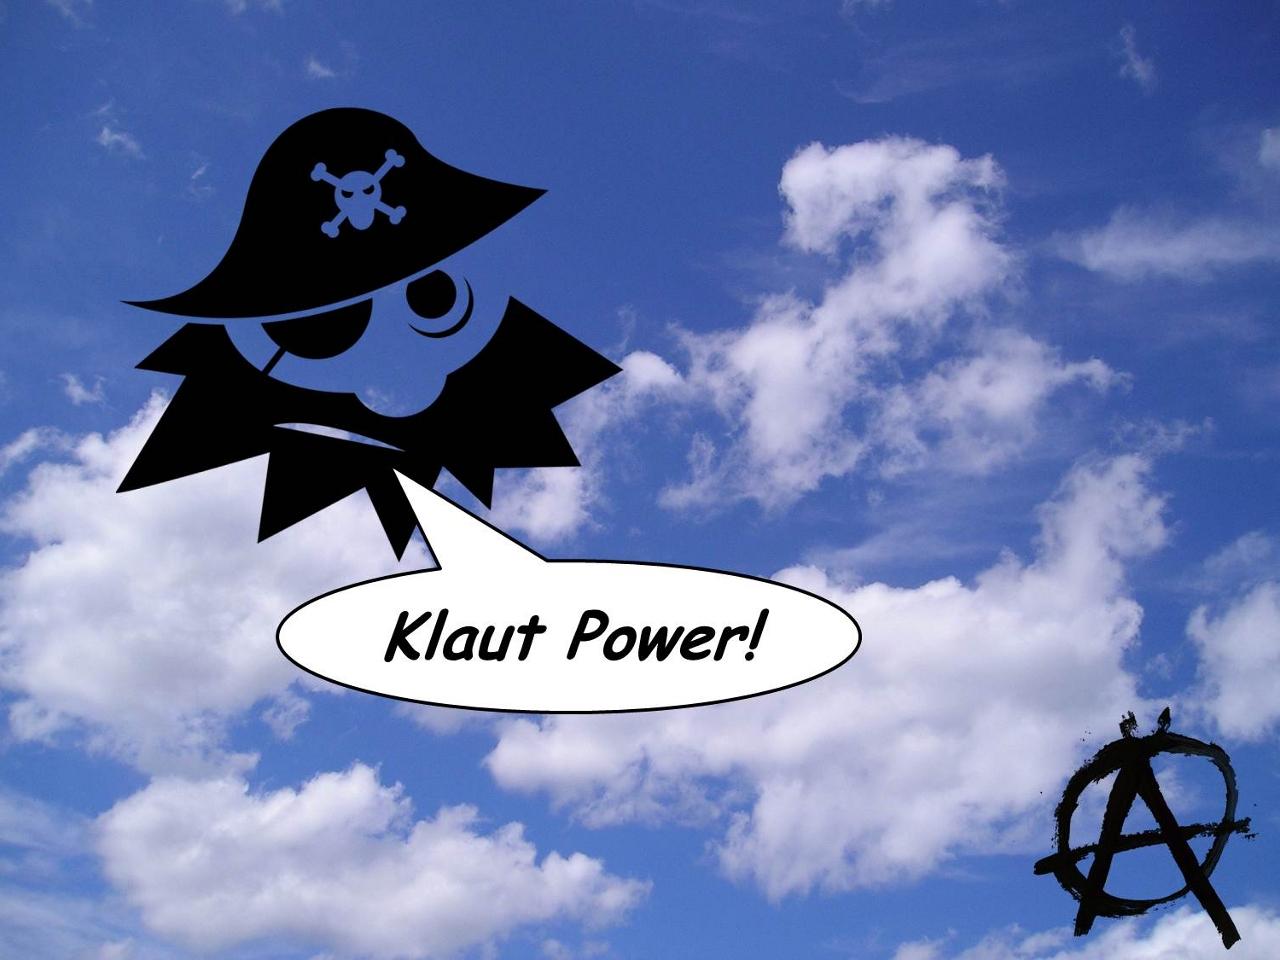 Klaut [kloud]: German for to steal